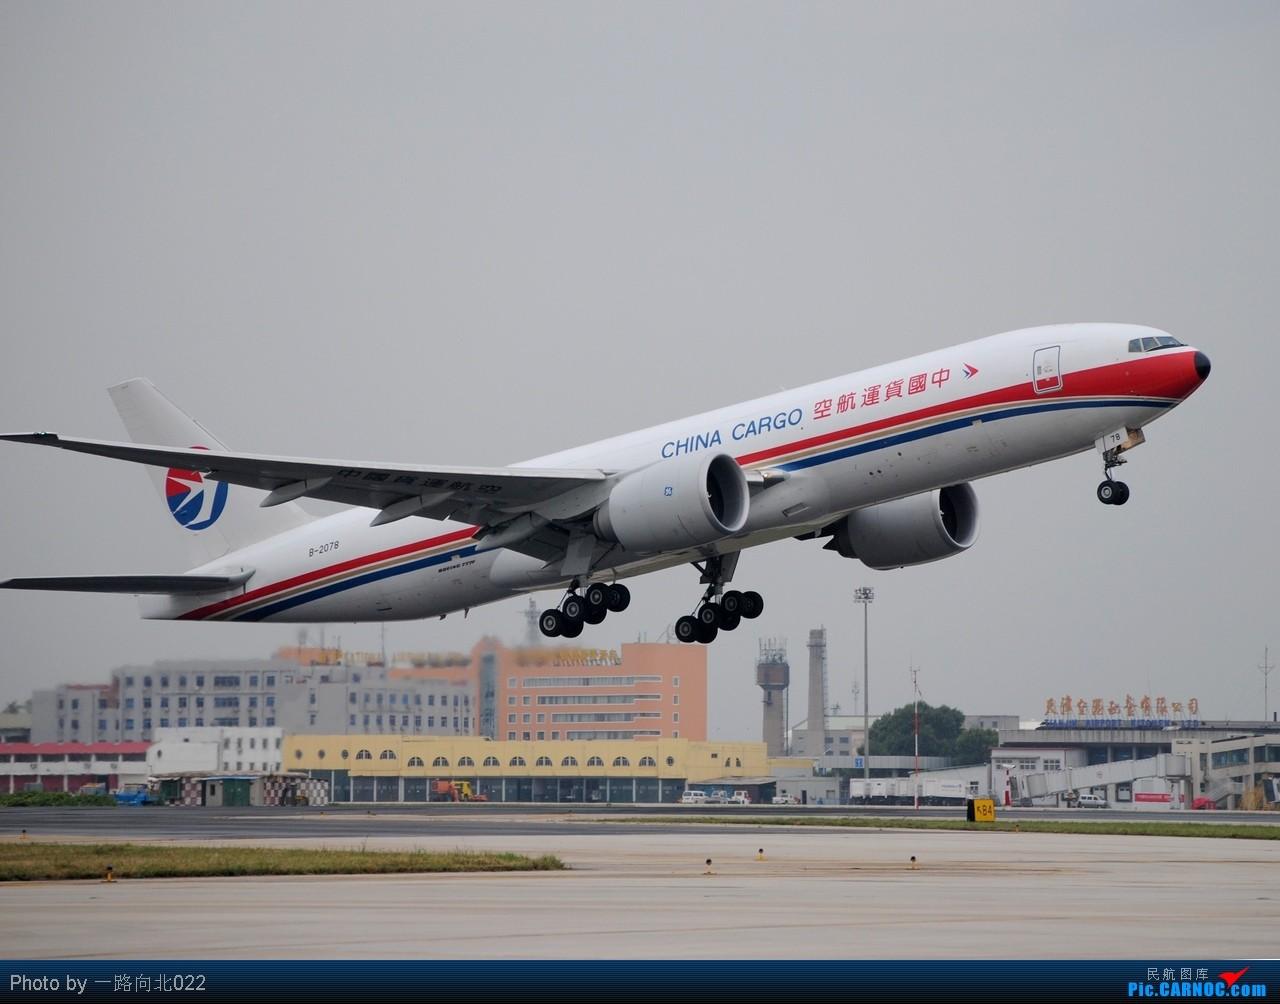 Re:[原创]**TSN**TSN**都去直博会了 坚守阵地 BOEING 777F B-2078 中国天津滨海机场